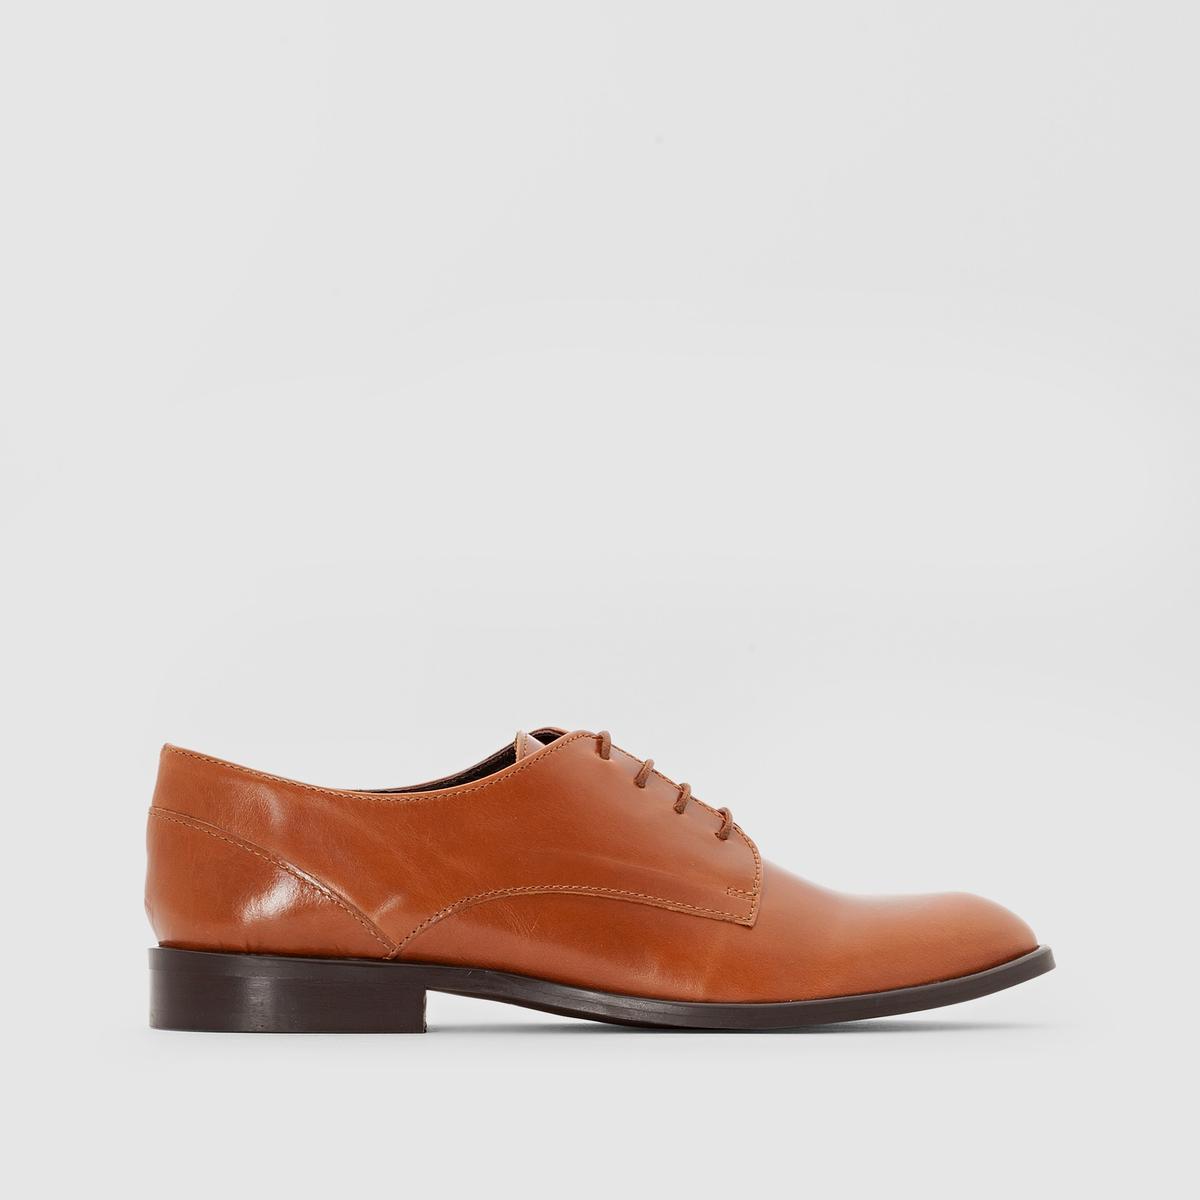 Ботинки-дербиПодкладка : Кожа   Стелька : Кожа   Подошва : ЭластомерВысота каблука : 1 см<br><br>Цвет: каштановый